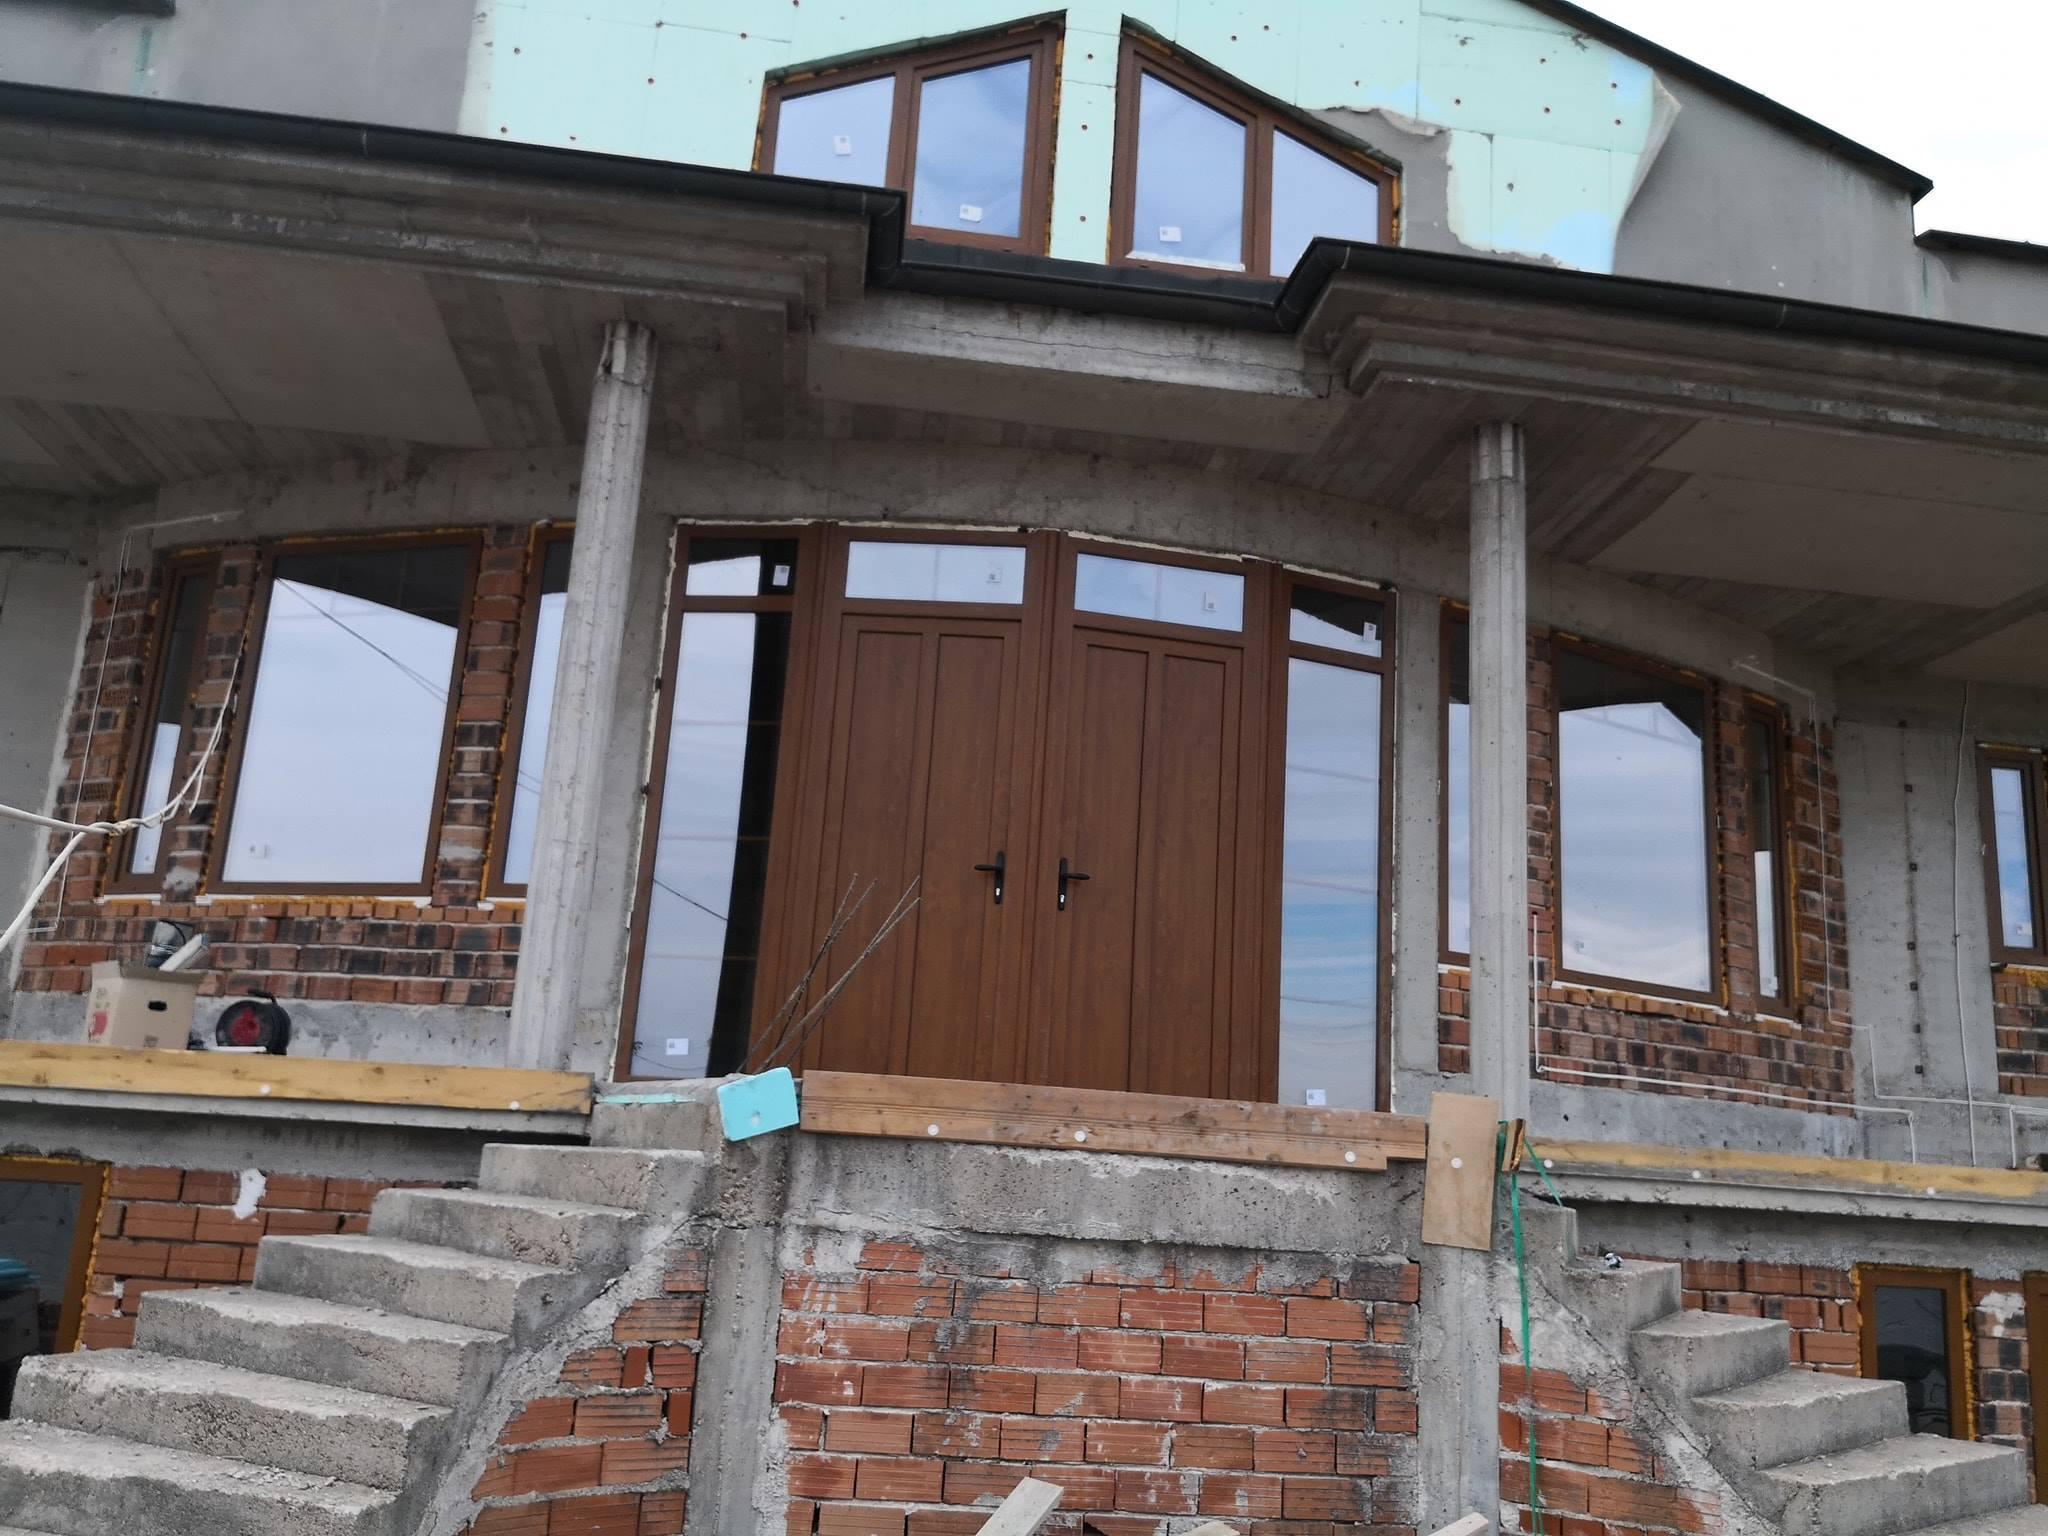 Монтаж и продажба на външни и вътрешни щори, алуминиева, PVC дограма и гаражни врати в Пловдив